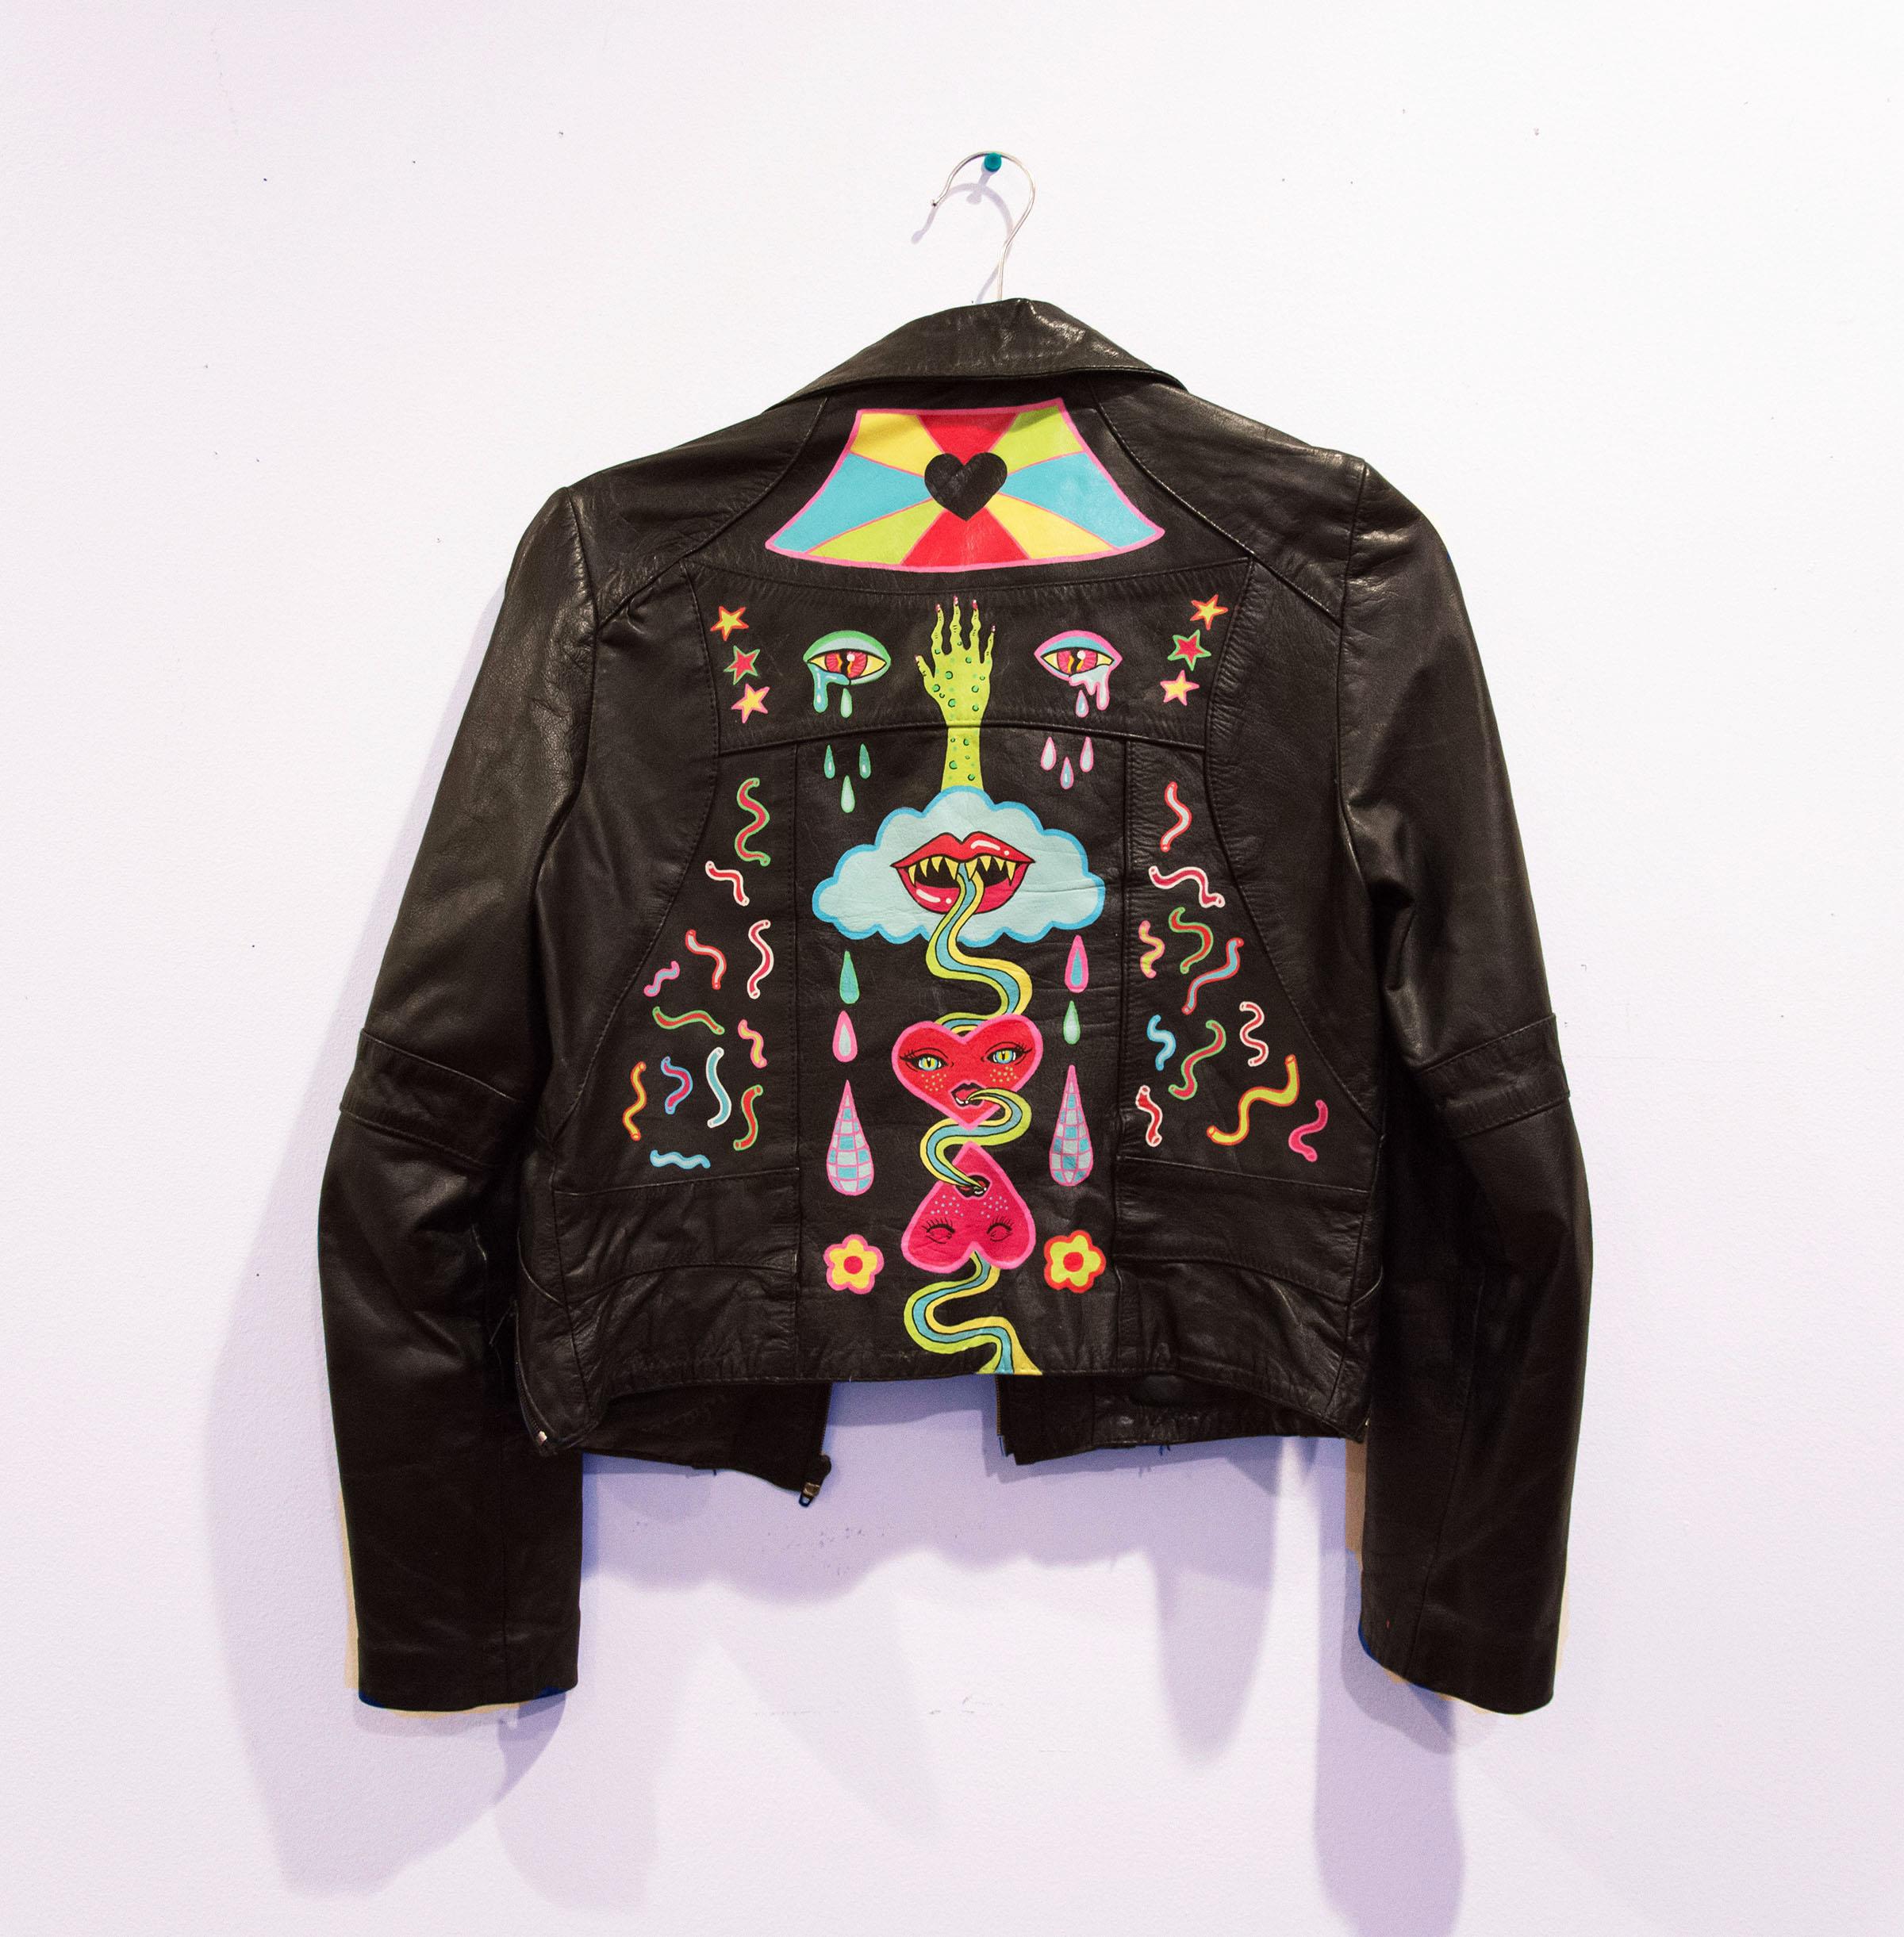 Hot Rod Jacket , acrylic on leather, xs, 2017